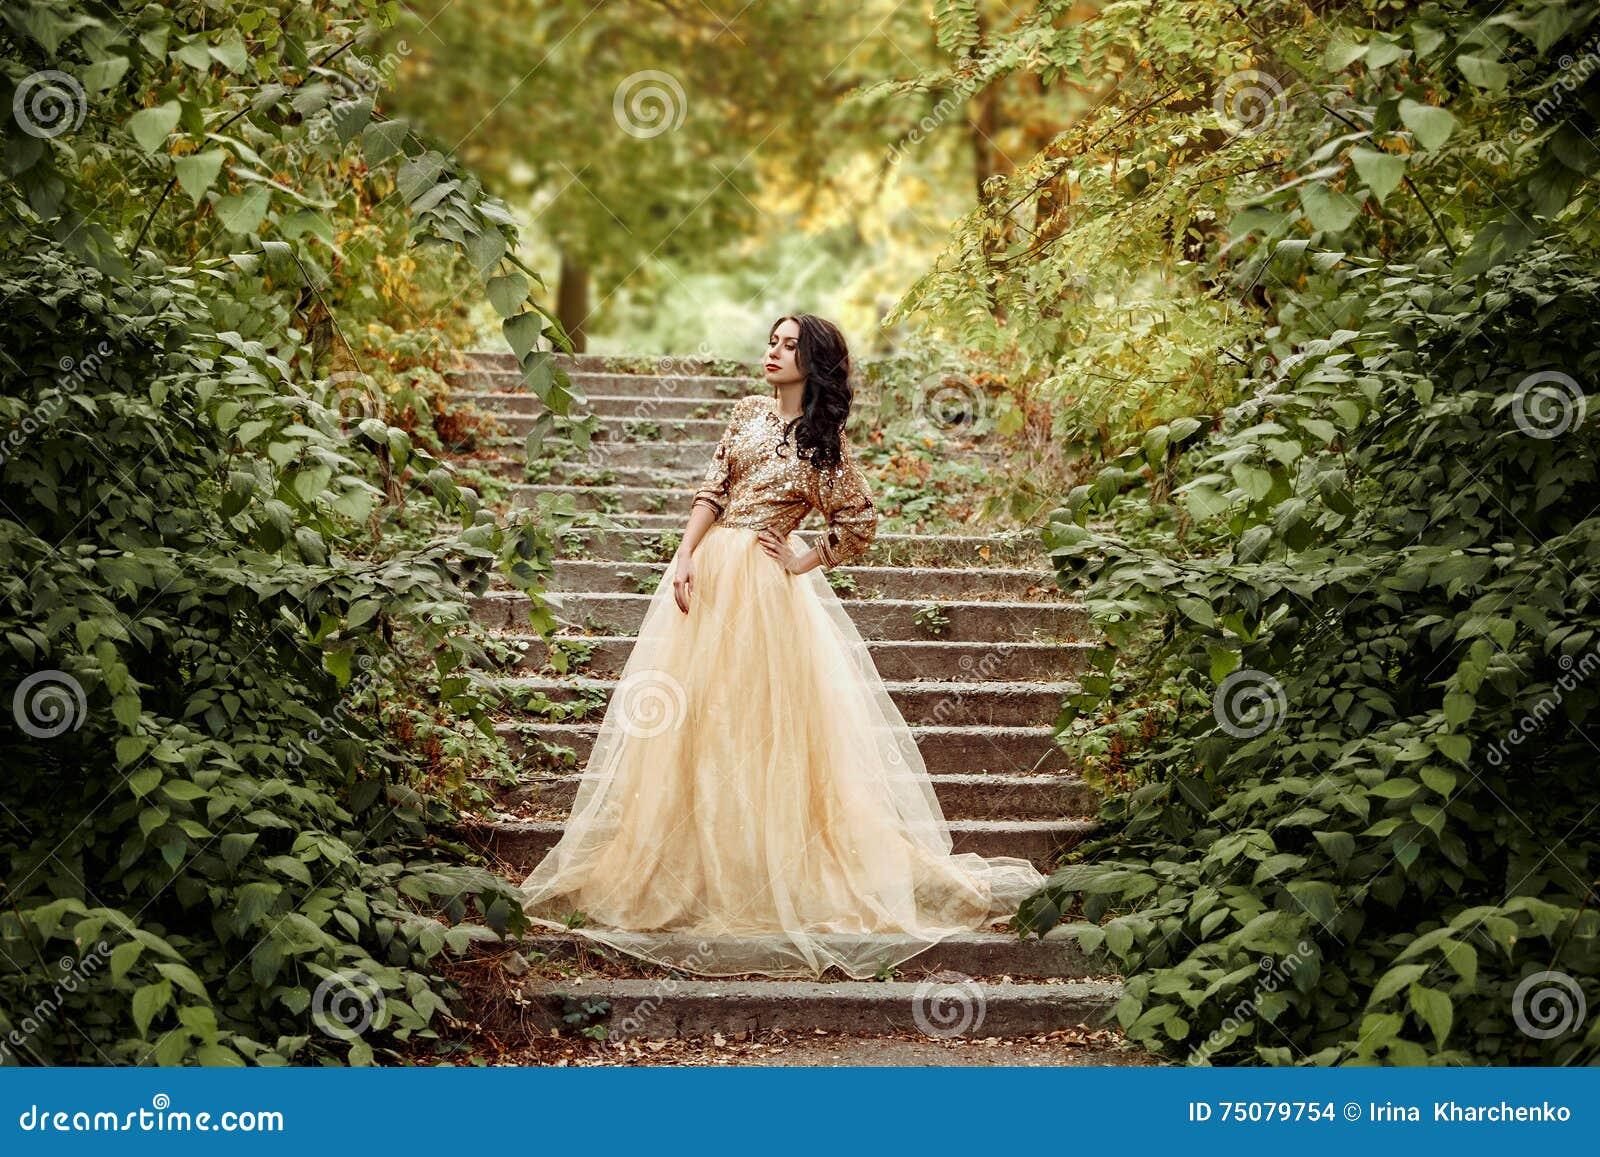 Όμορφο κορίτσι σε ένα χρυσό, πολυτελές φόρεμα